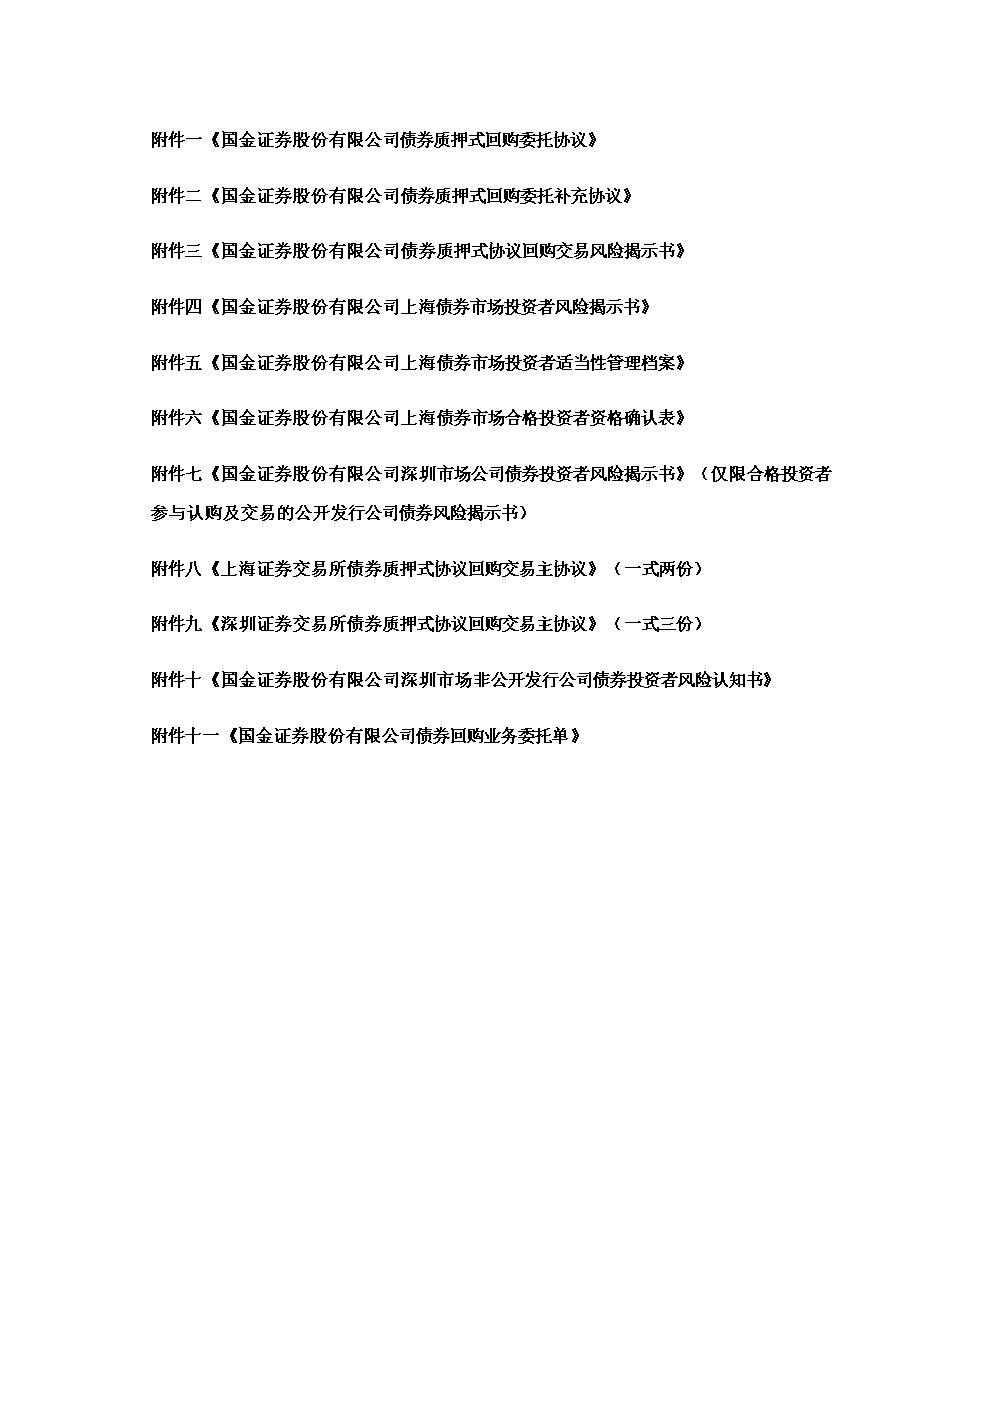 正回购及合格投资者资料.docx